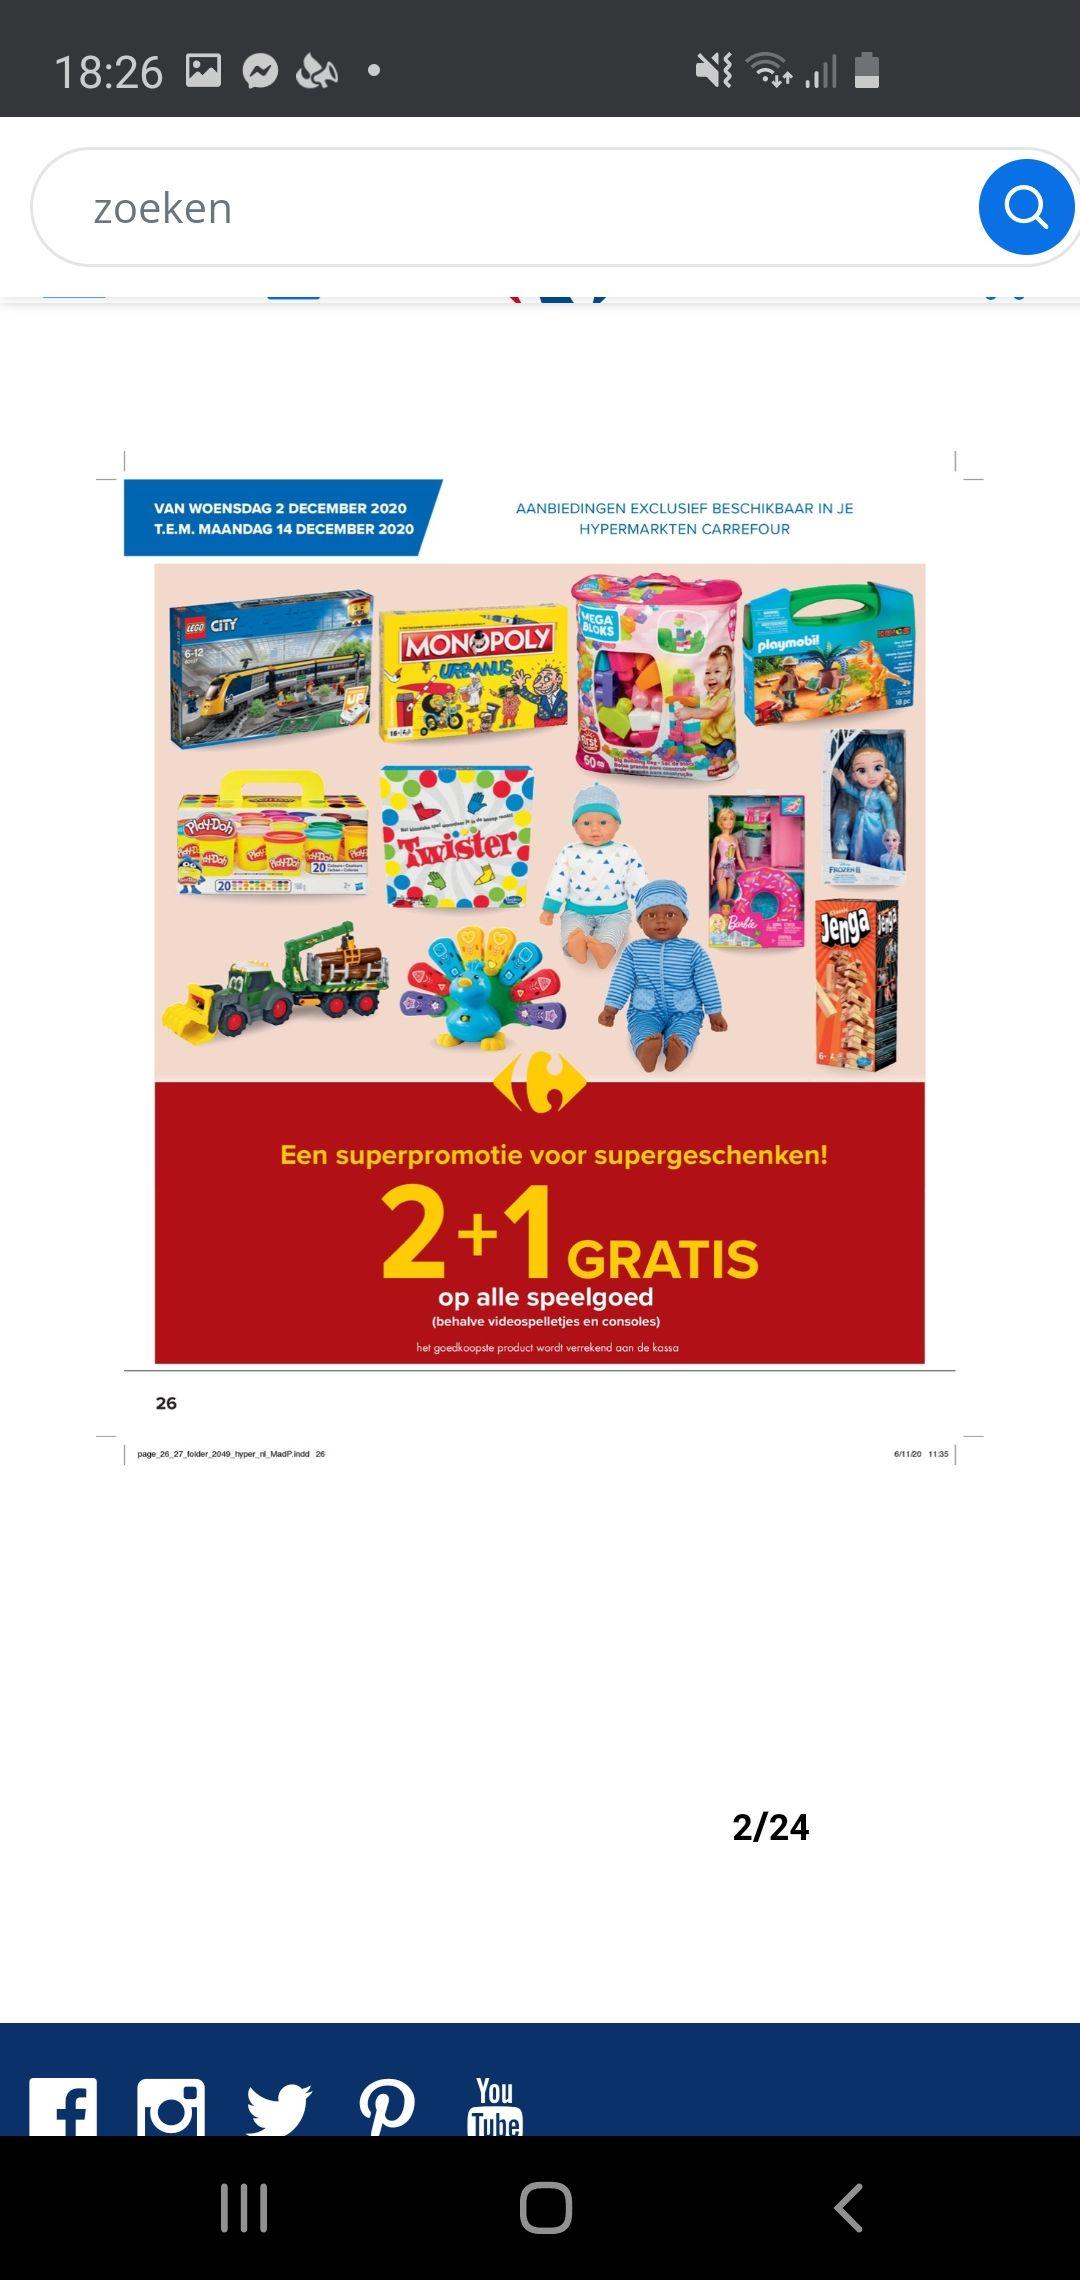 Belgie carrefour hypermarkt 2+1 speelgoed inclusief lego